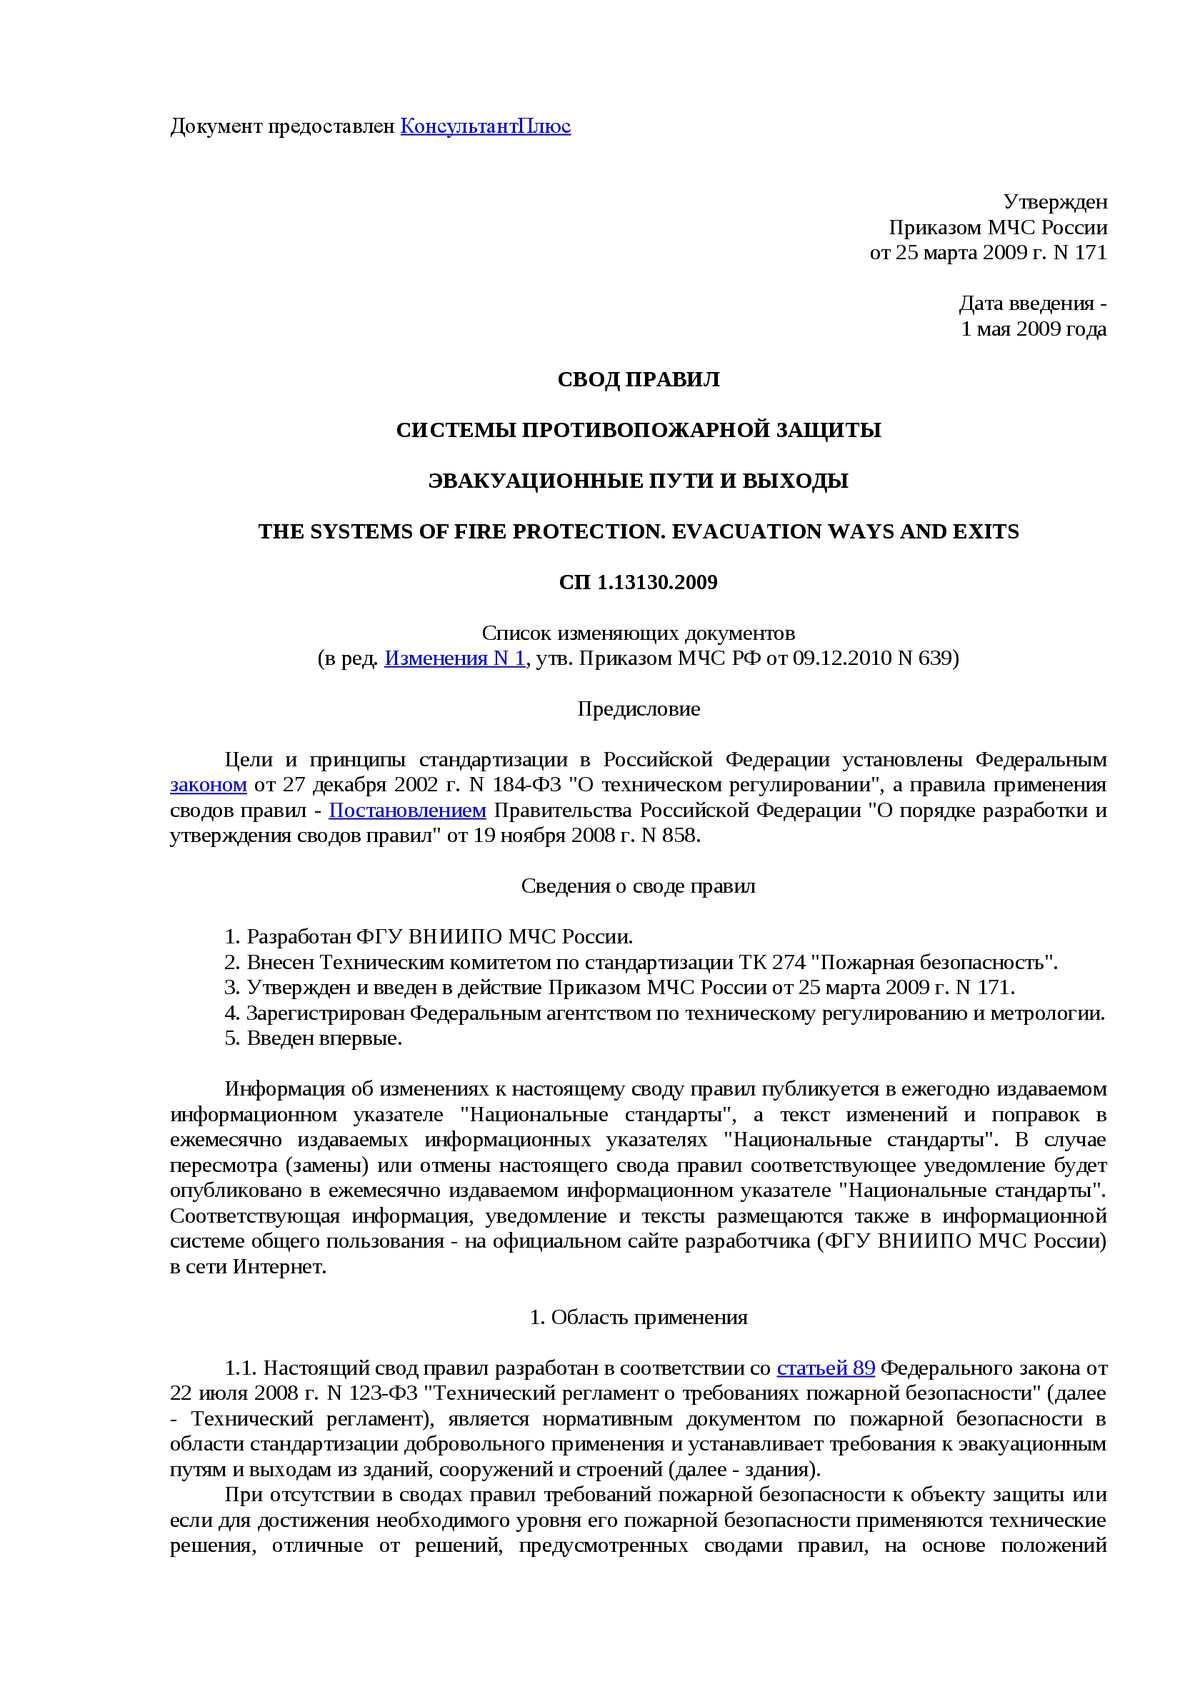 vvedeny-v-dejstvie-izmeneniya-k-svodu-pravil-o-sistemah-protivopozharnoj-zashhity-2